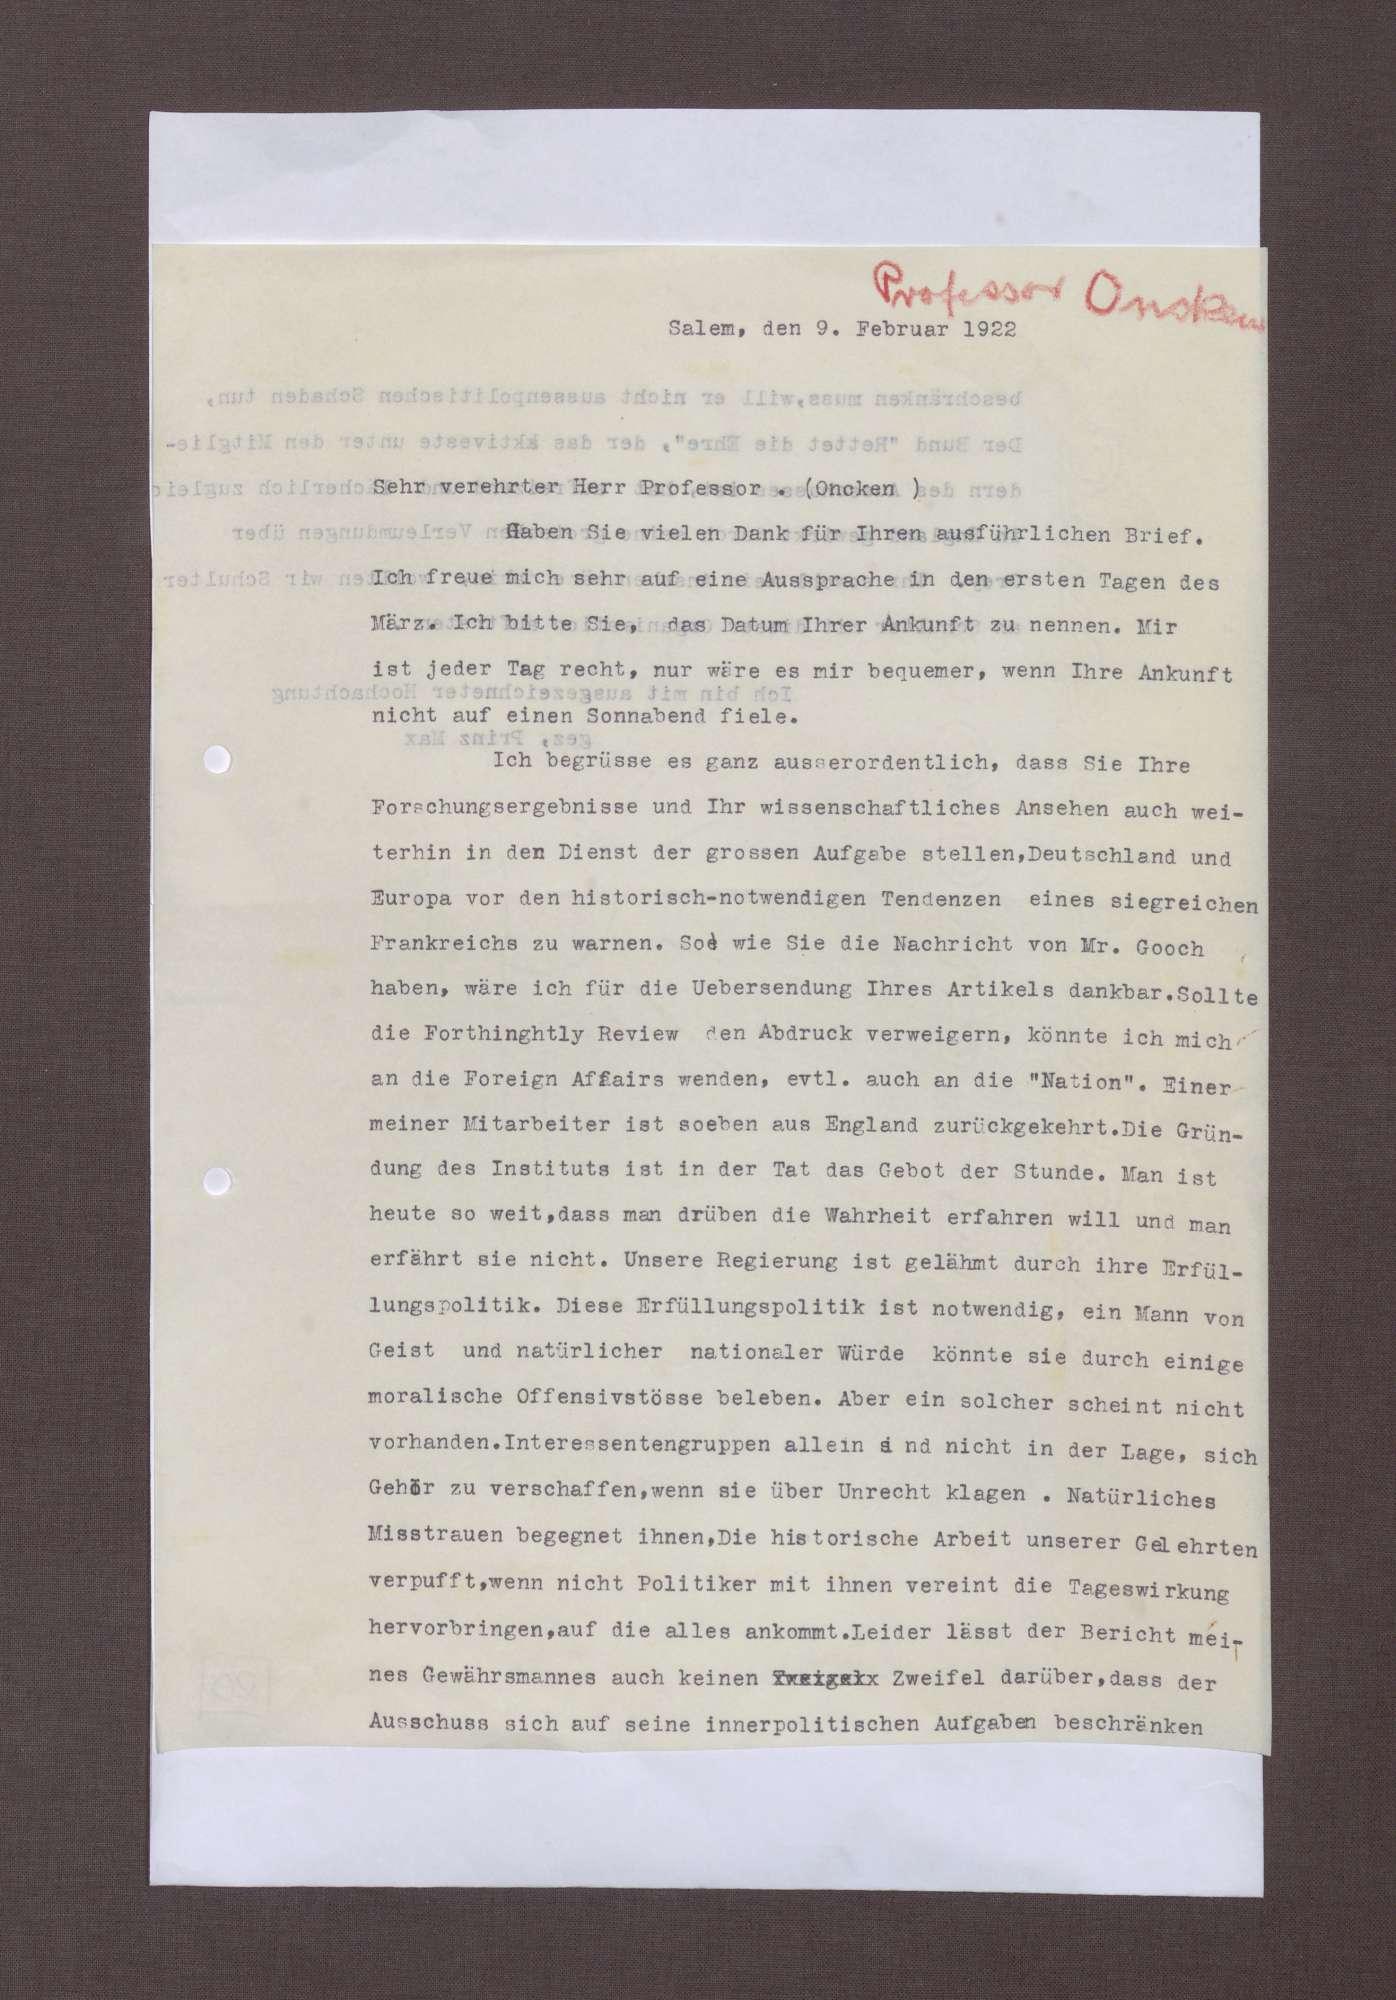 Schreiben von Prinz Max von Baden an Hermann Oncken; Notwendigkeit, ein siegreiches Frankreich zu verhindern und Kritik an der Erfüllungspolitik der Reichsregierung Wirth, Bild 1